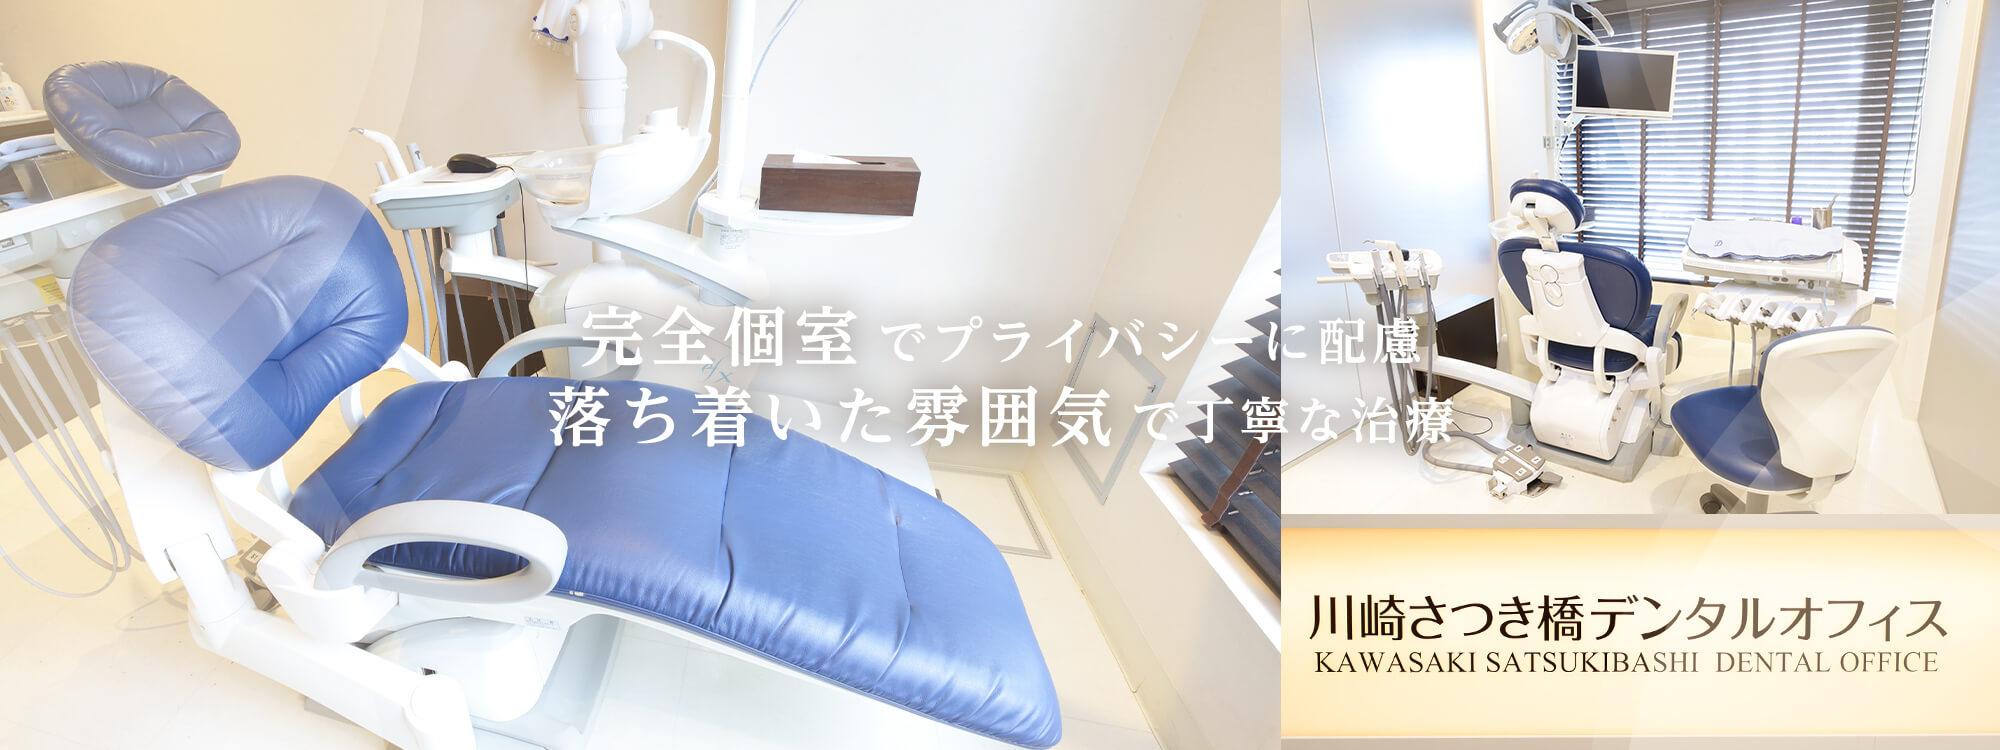 完全個室でプライバシーに配慮落ち着いた雰囲気で丁寧な治療